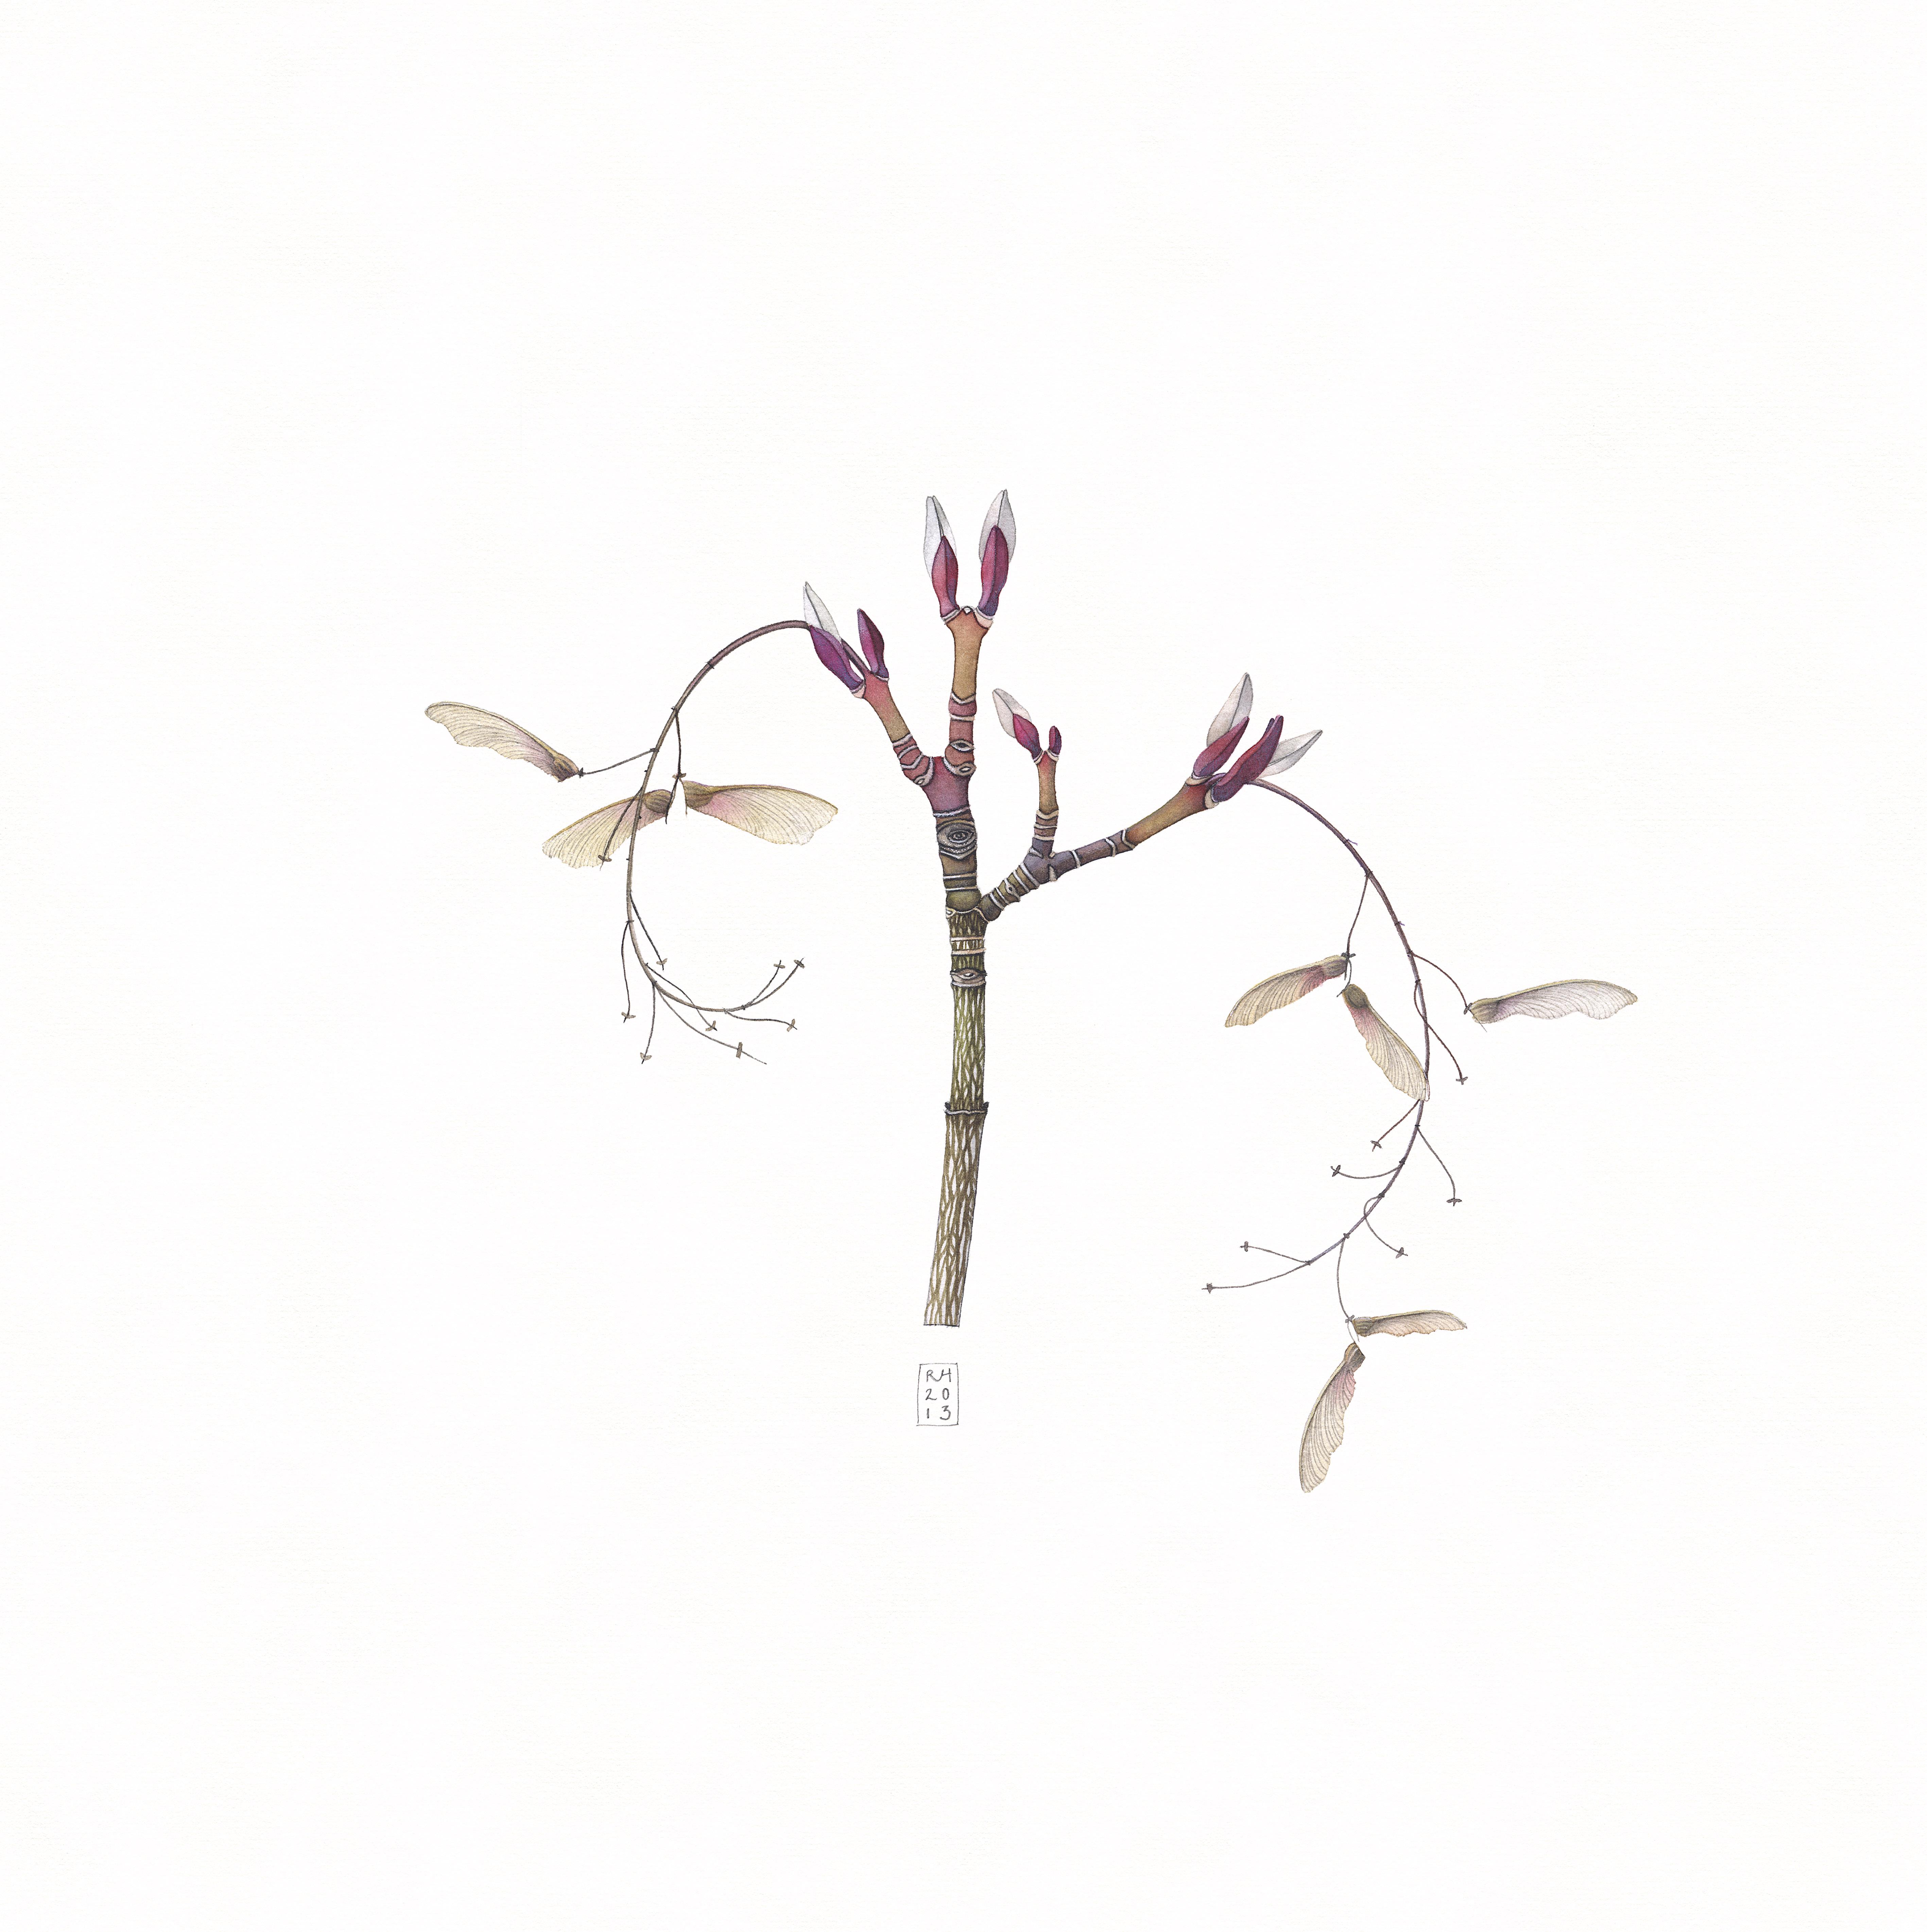 33. Acer pensylvanicum